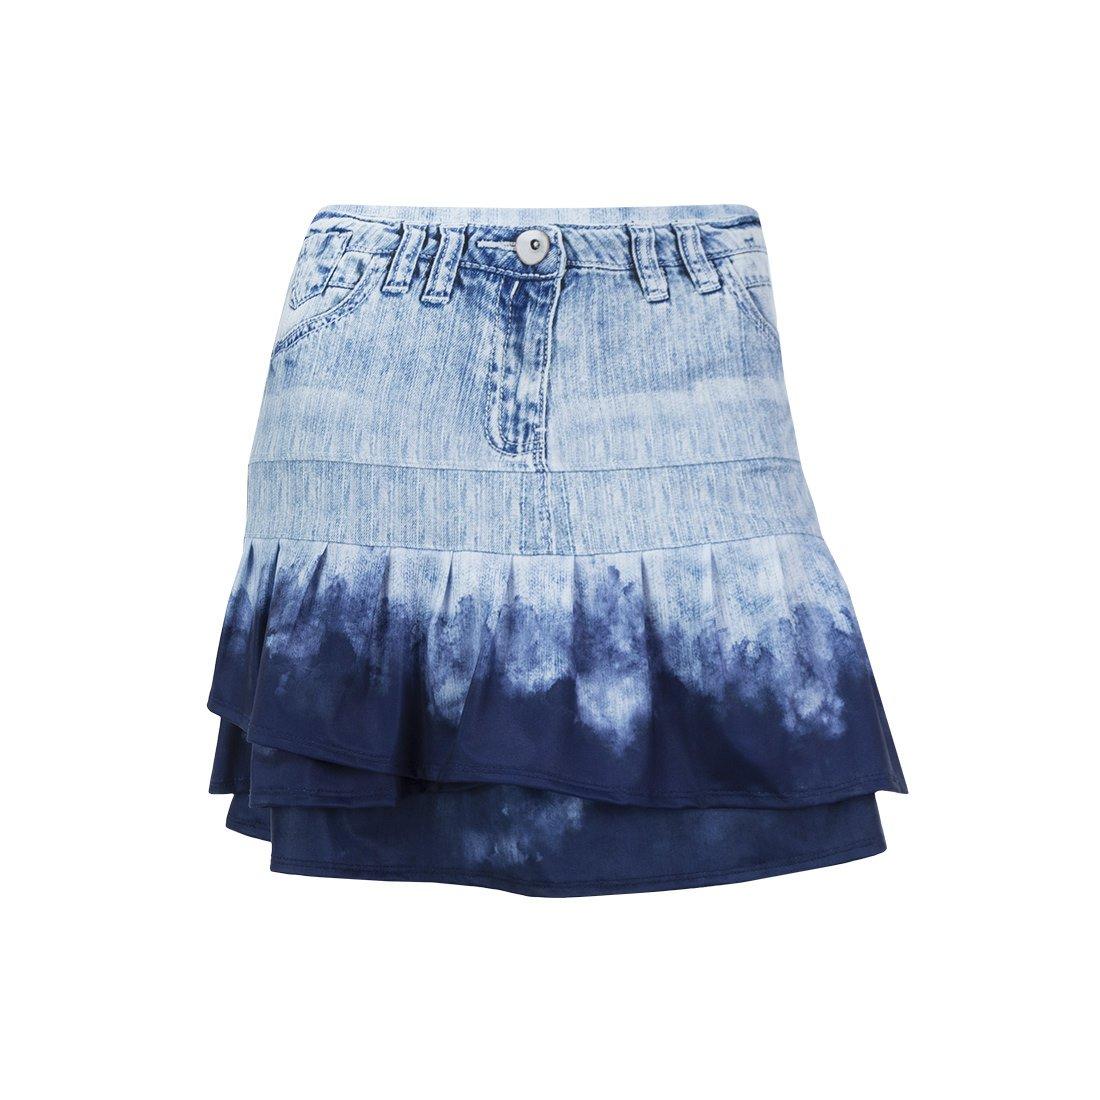 Lucky In Love American Love Story Long Dye Denim Skirt (Medium)